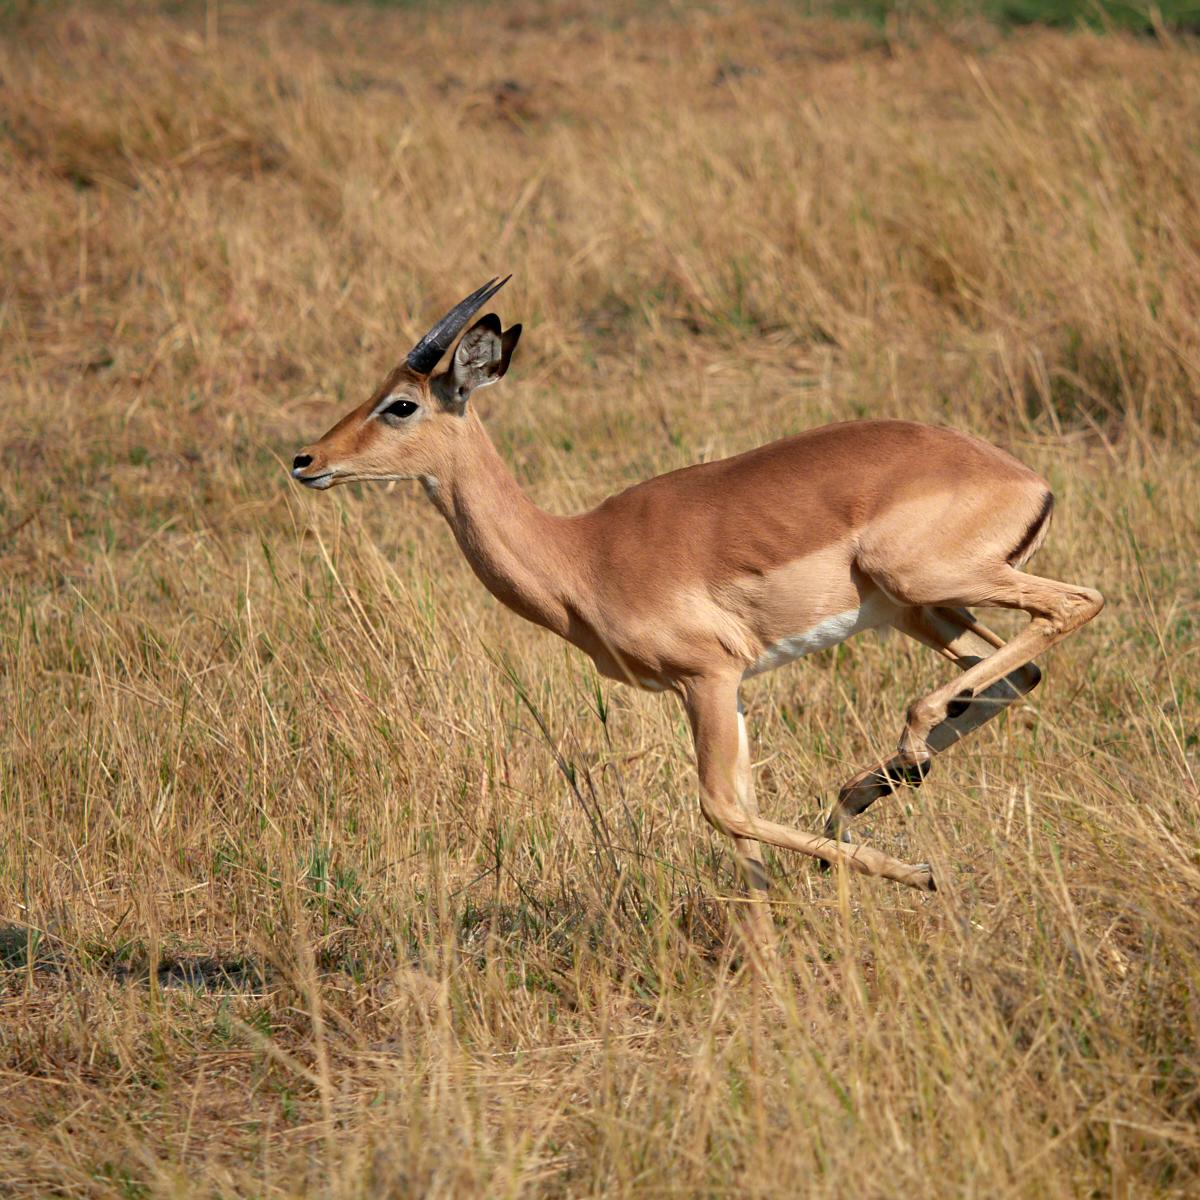 Running Impala 1600x1200 sRGB.jpg